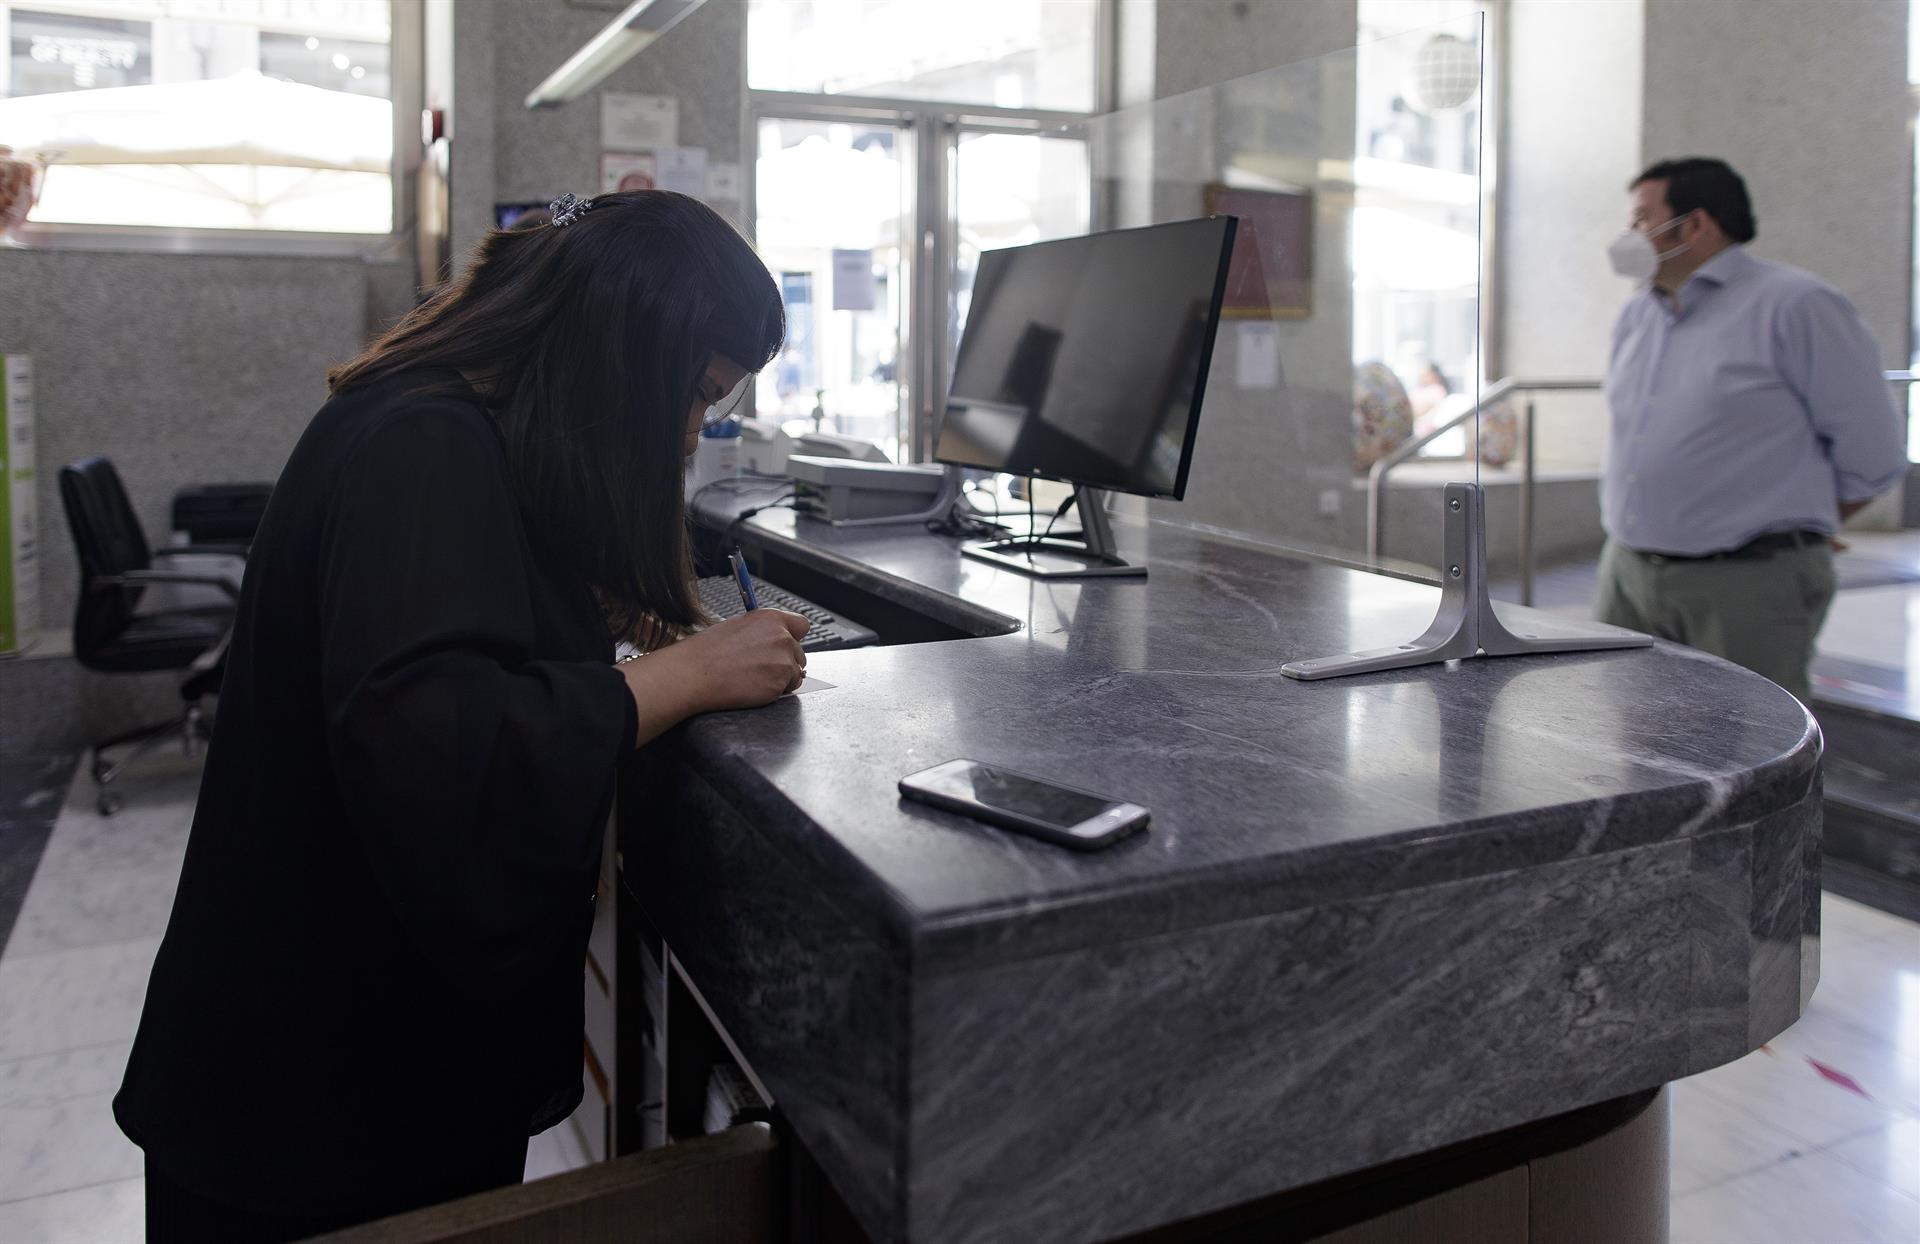 El Gobierno actualiza el procedimiento de 'check-in' en los hoteles para reforzar seguridad frente al Covid